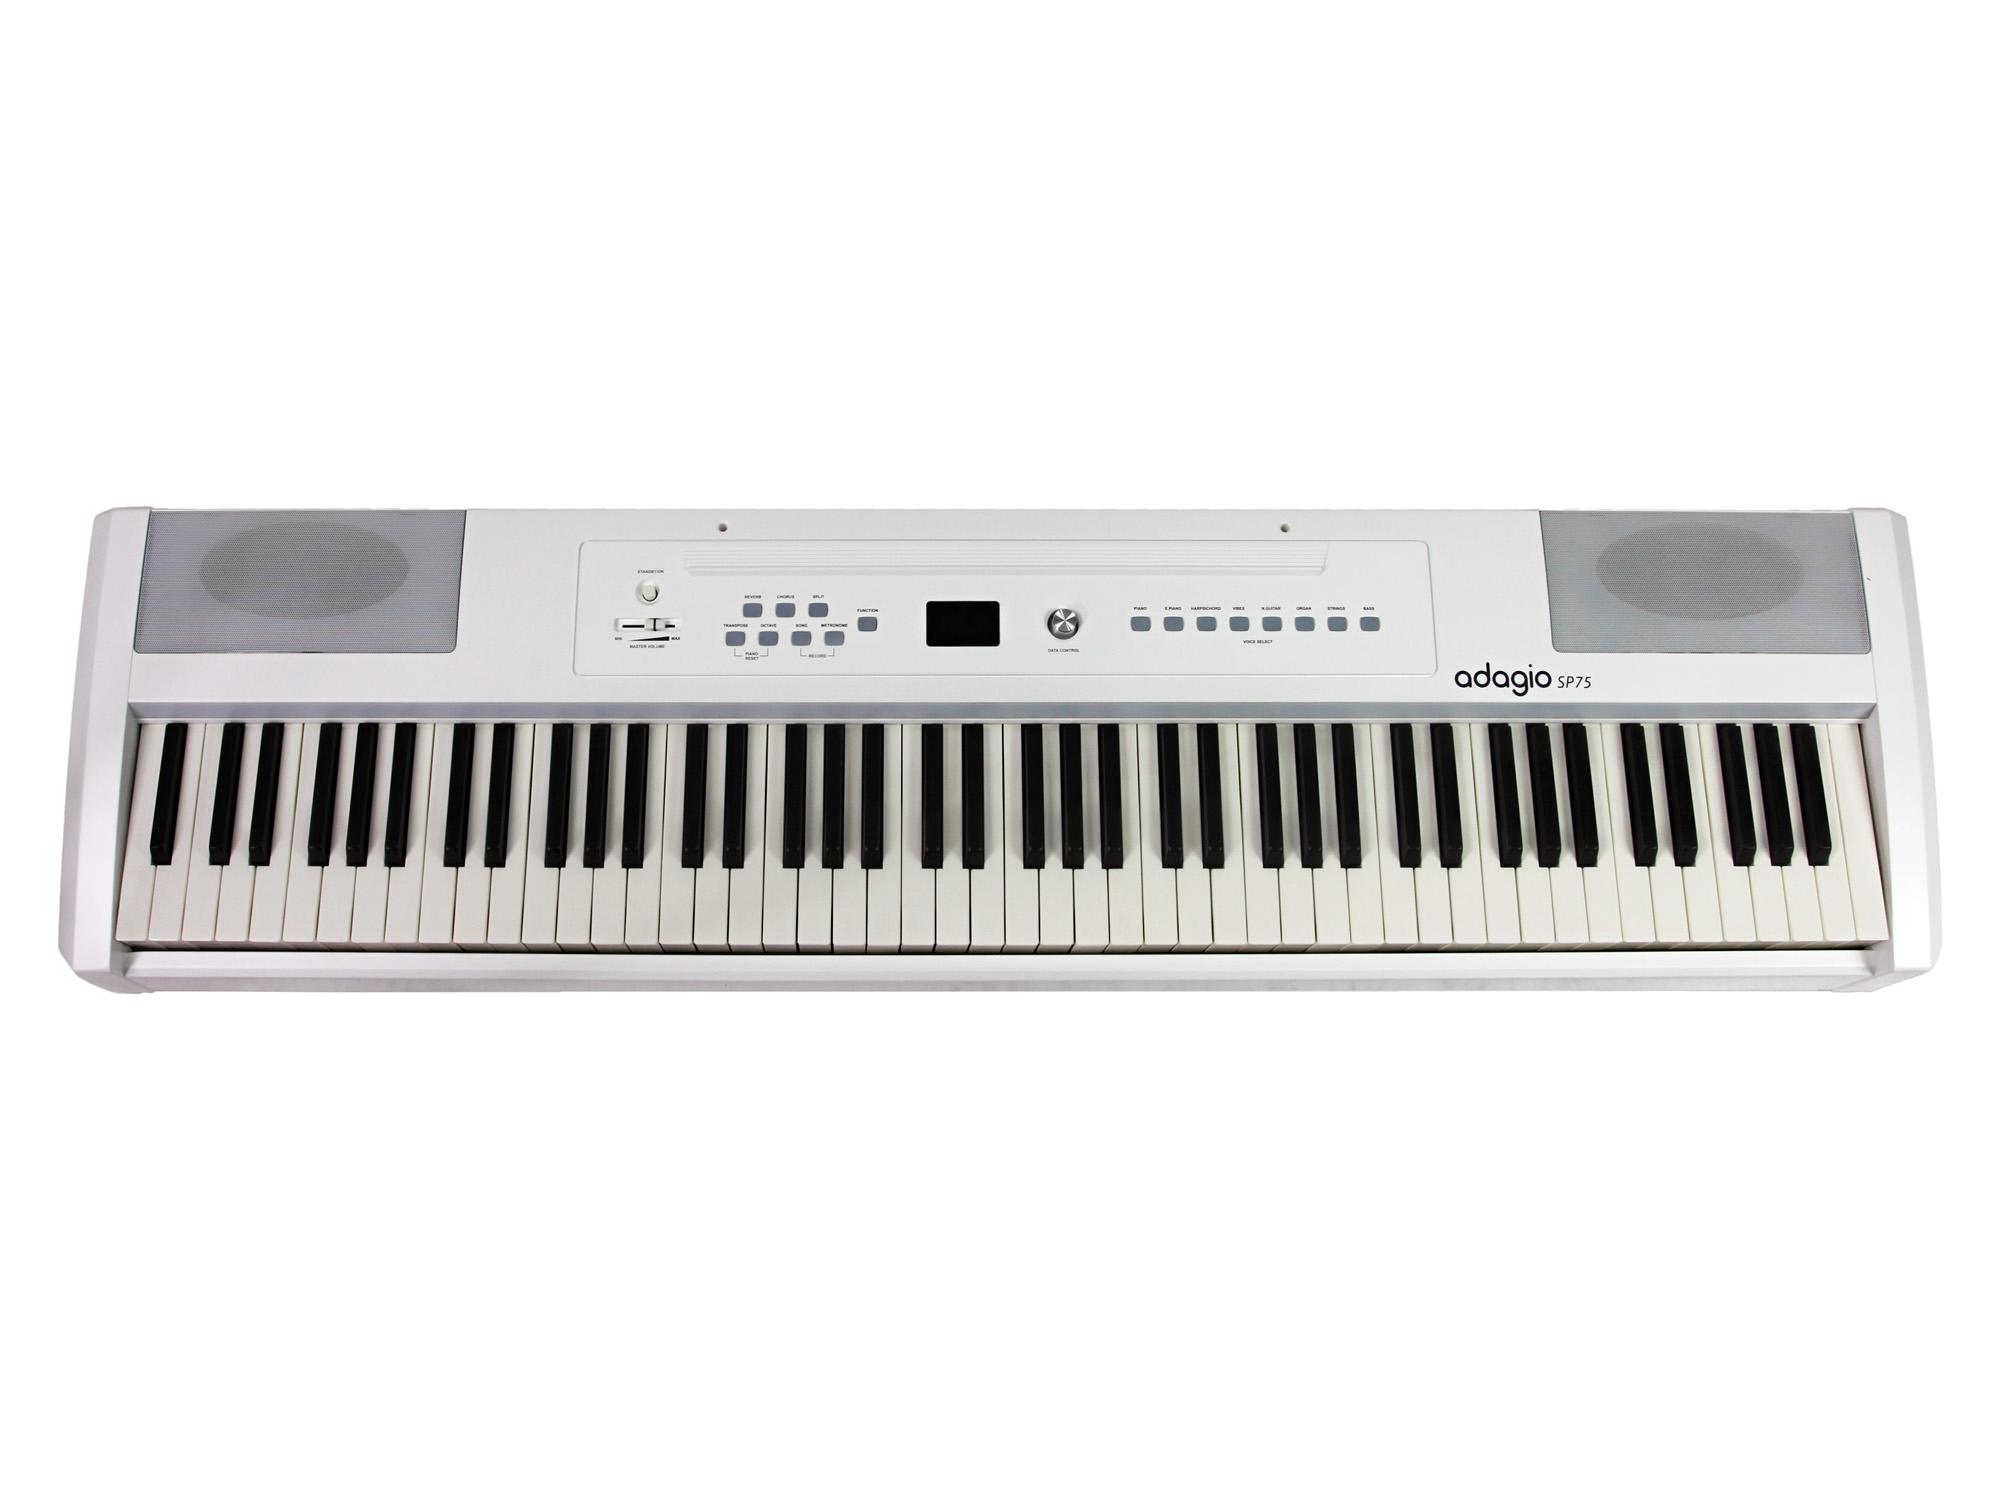 ADAGIO PIANO NUMERIQUE SP75 88 TOUCHES